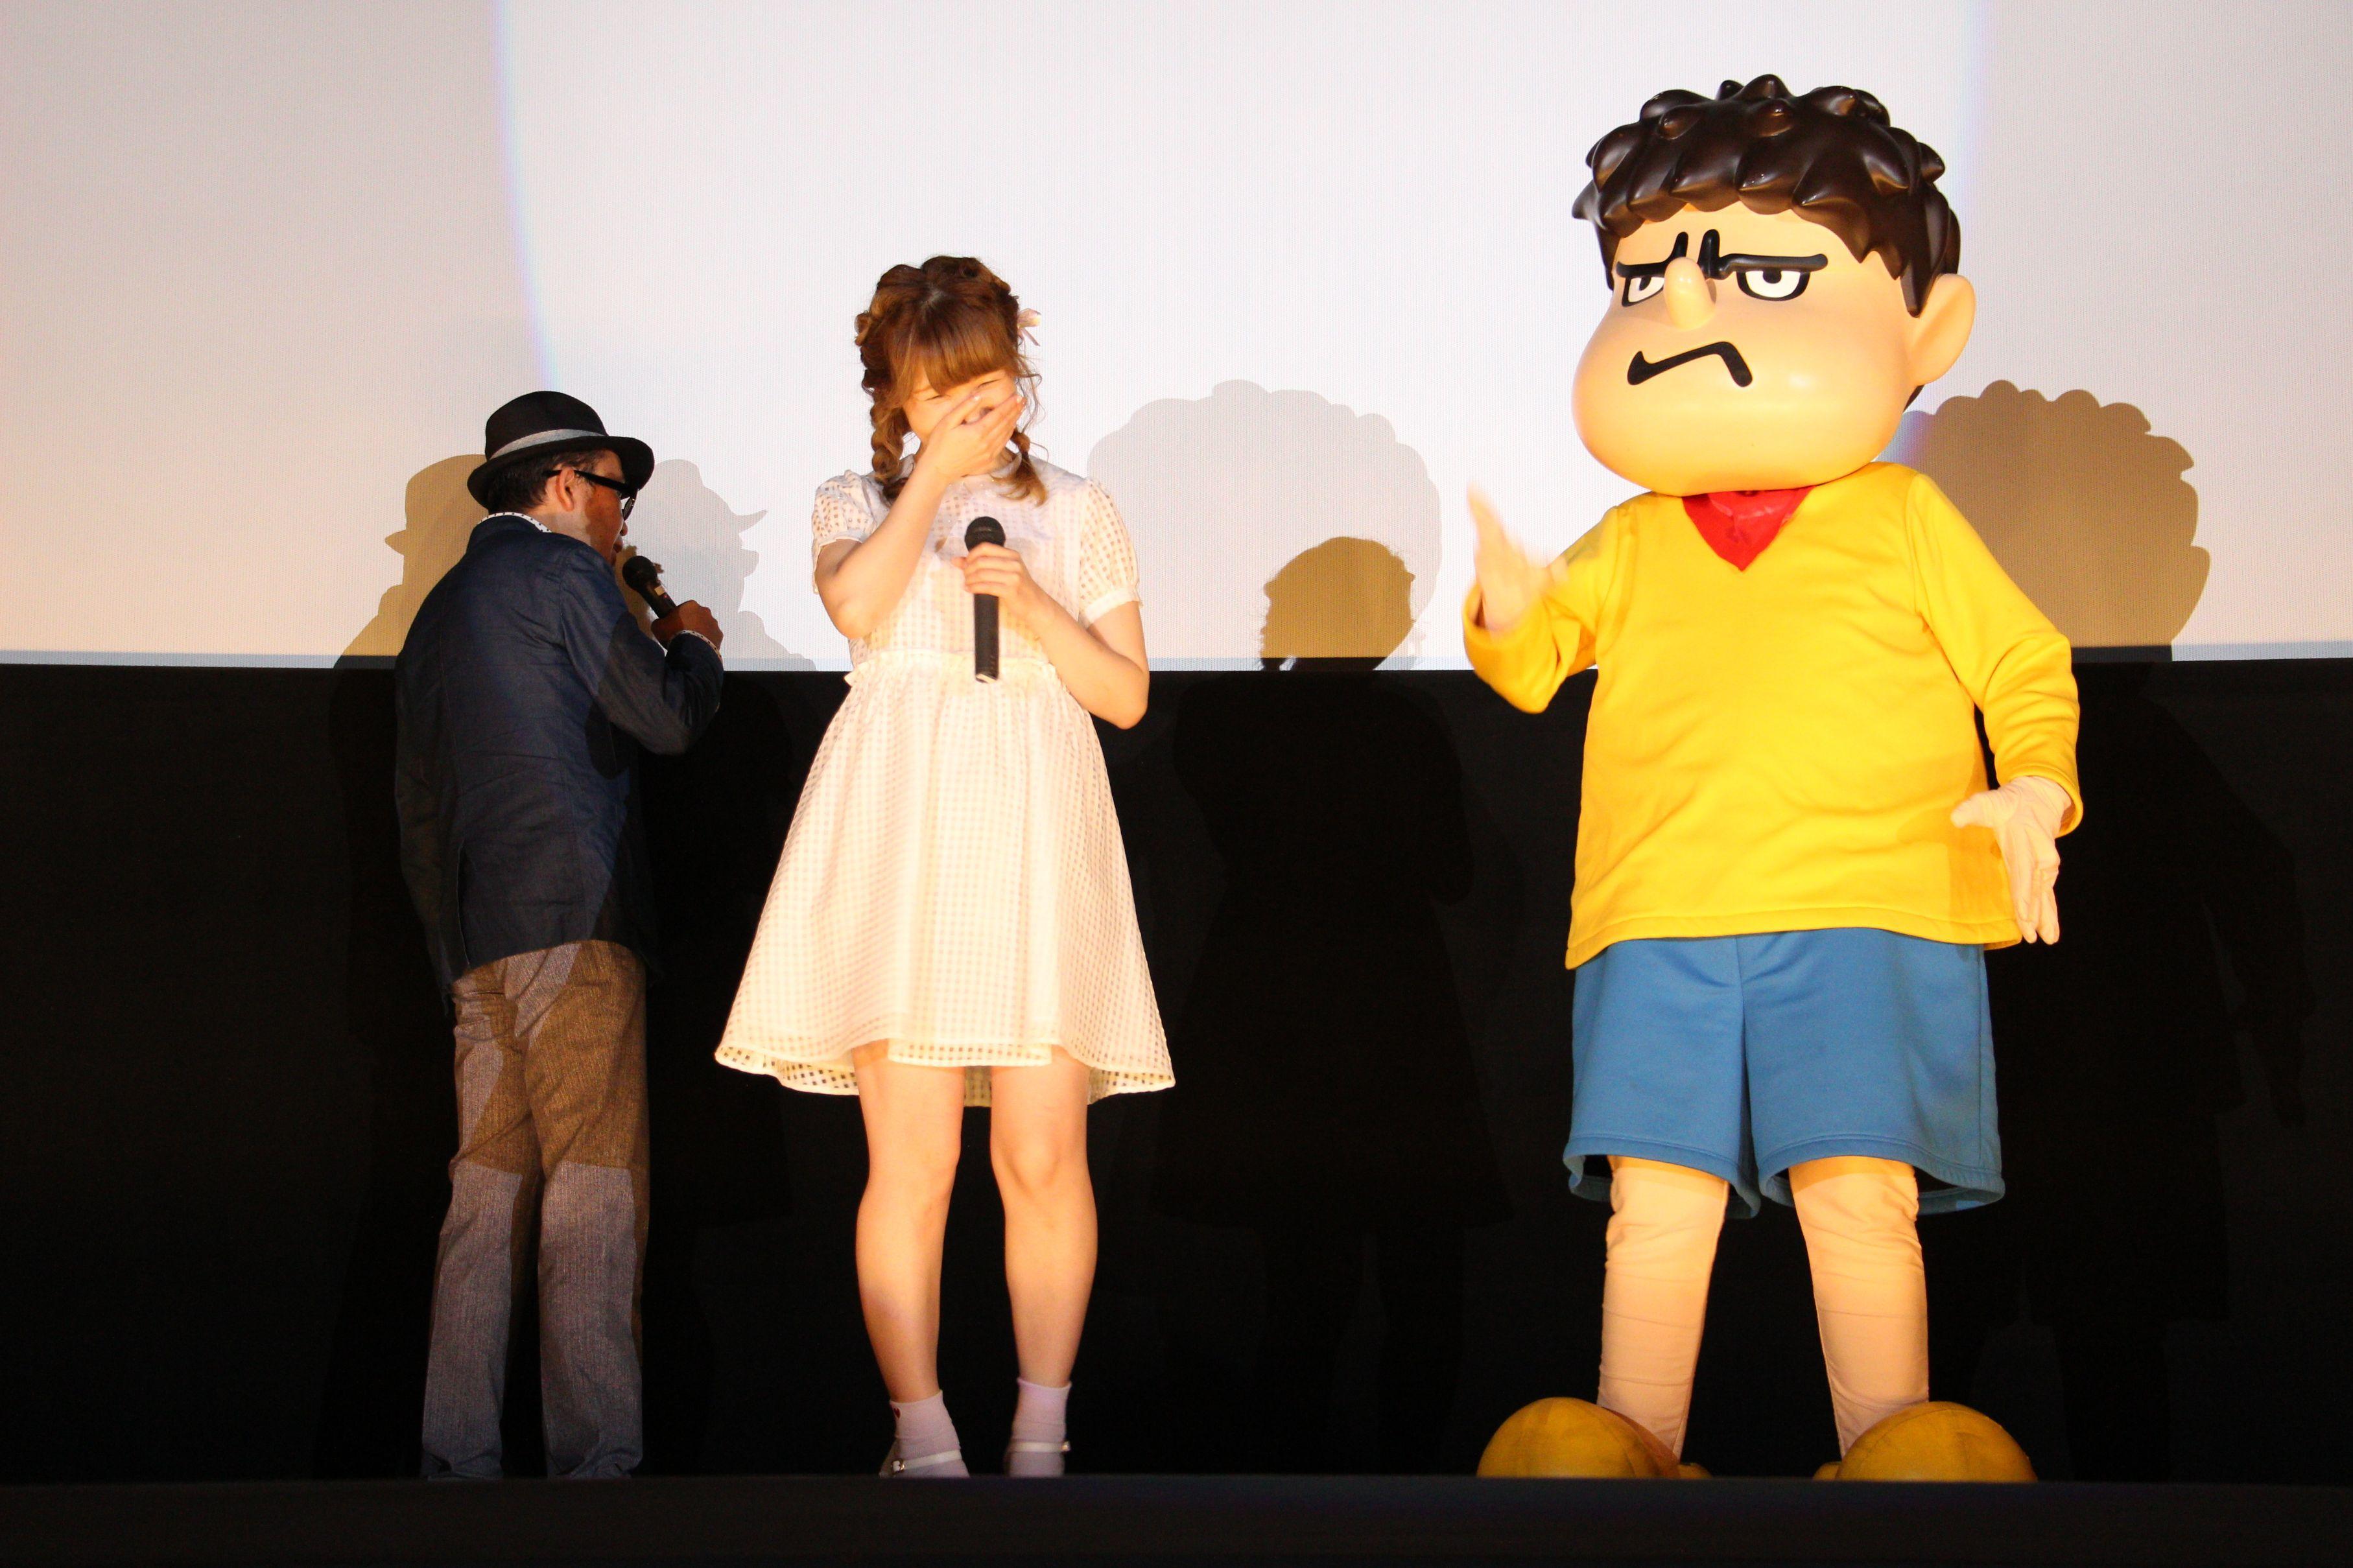 左から、FROGMAN、内田彩、吉田くん(声:FROGMAN)